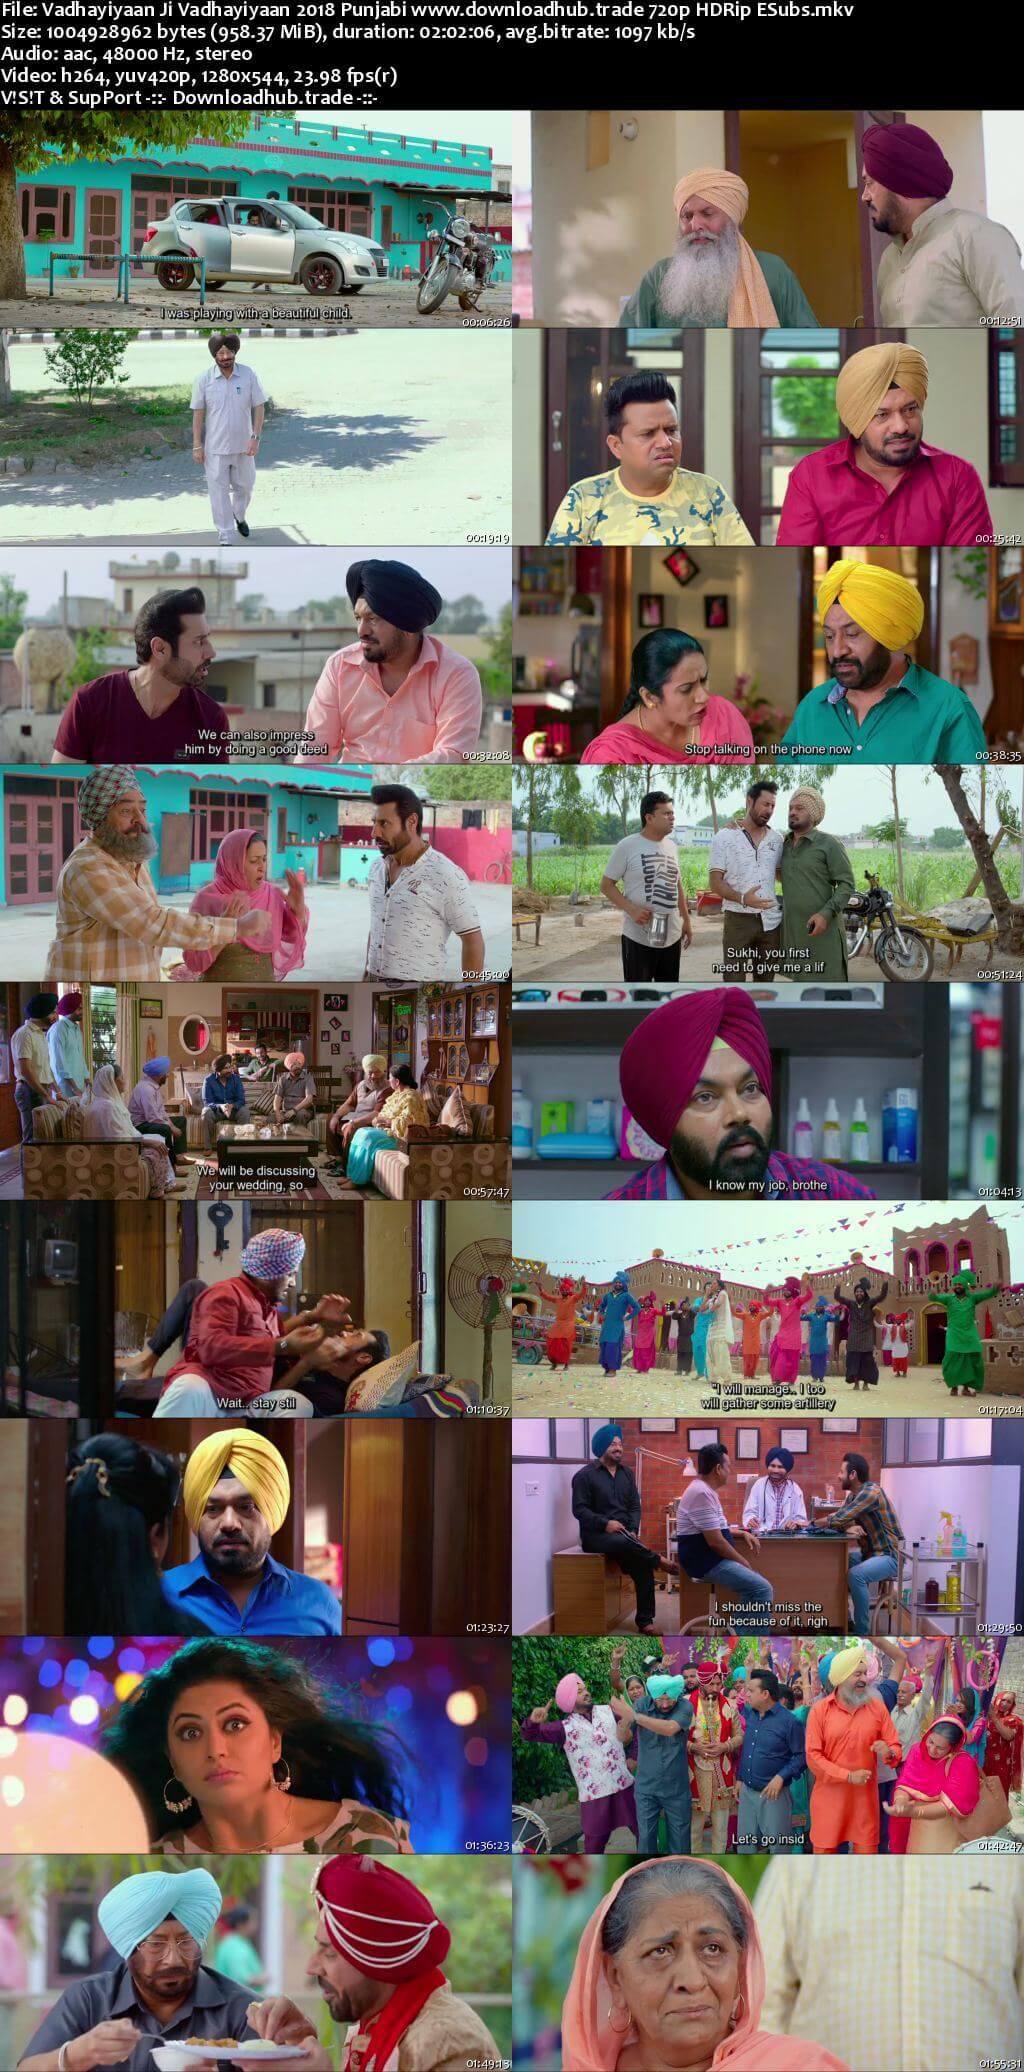 Vadhayiyaan Ji Vadhayiyaan Screen Shot 2